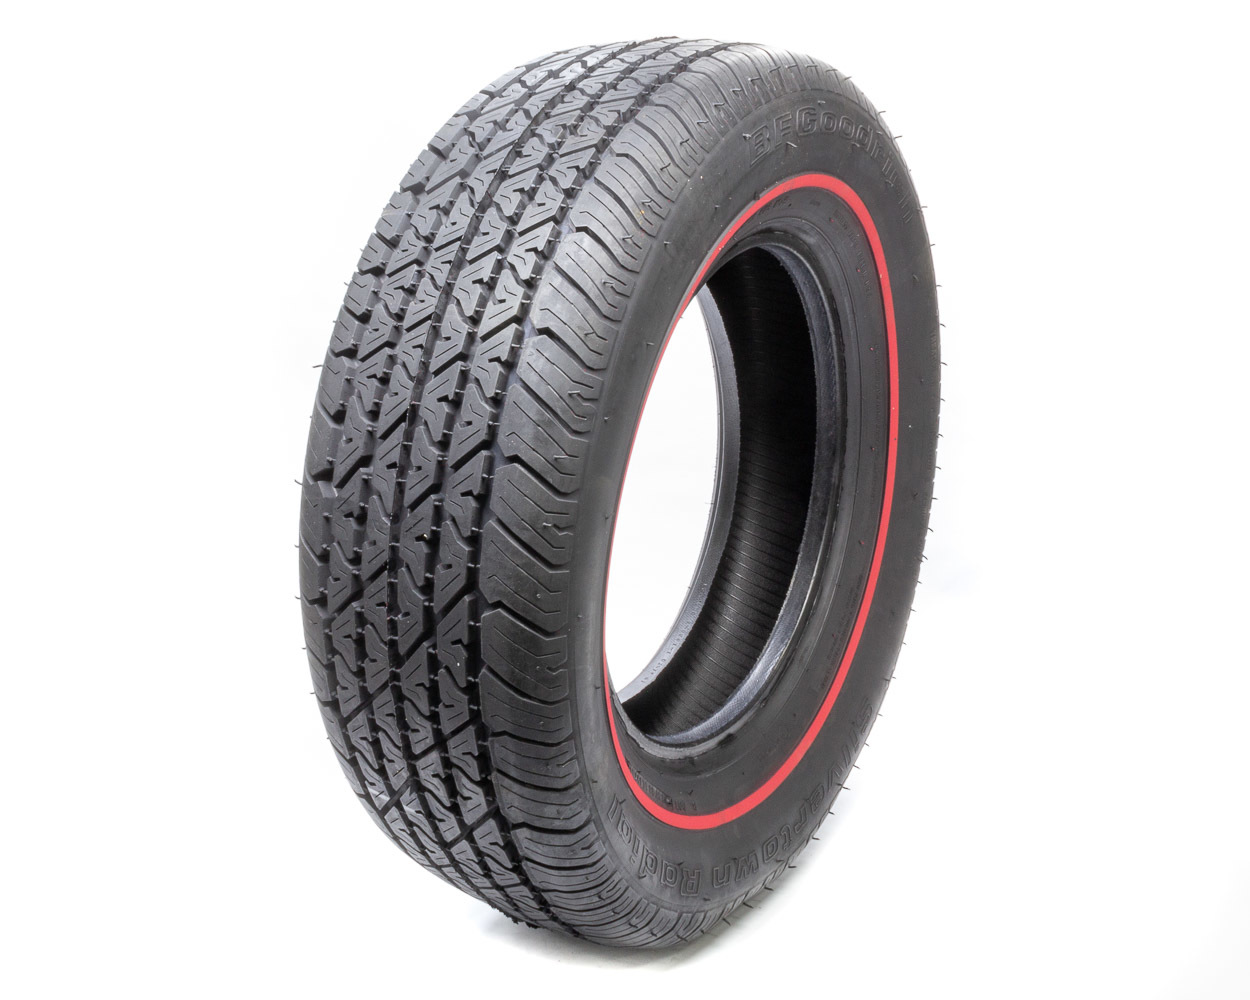 P215/70R15 BFG Redline Tire